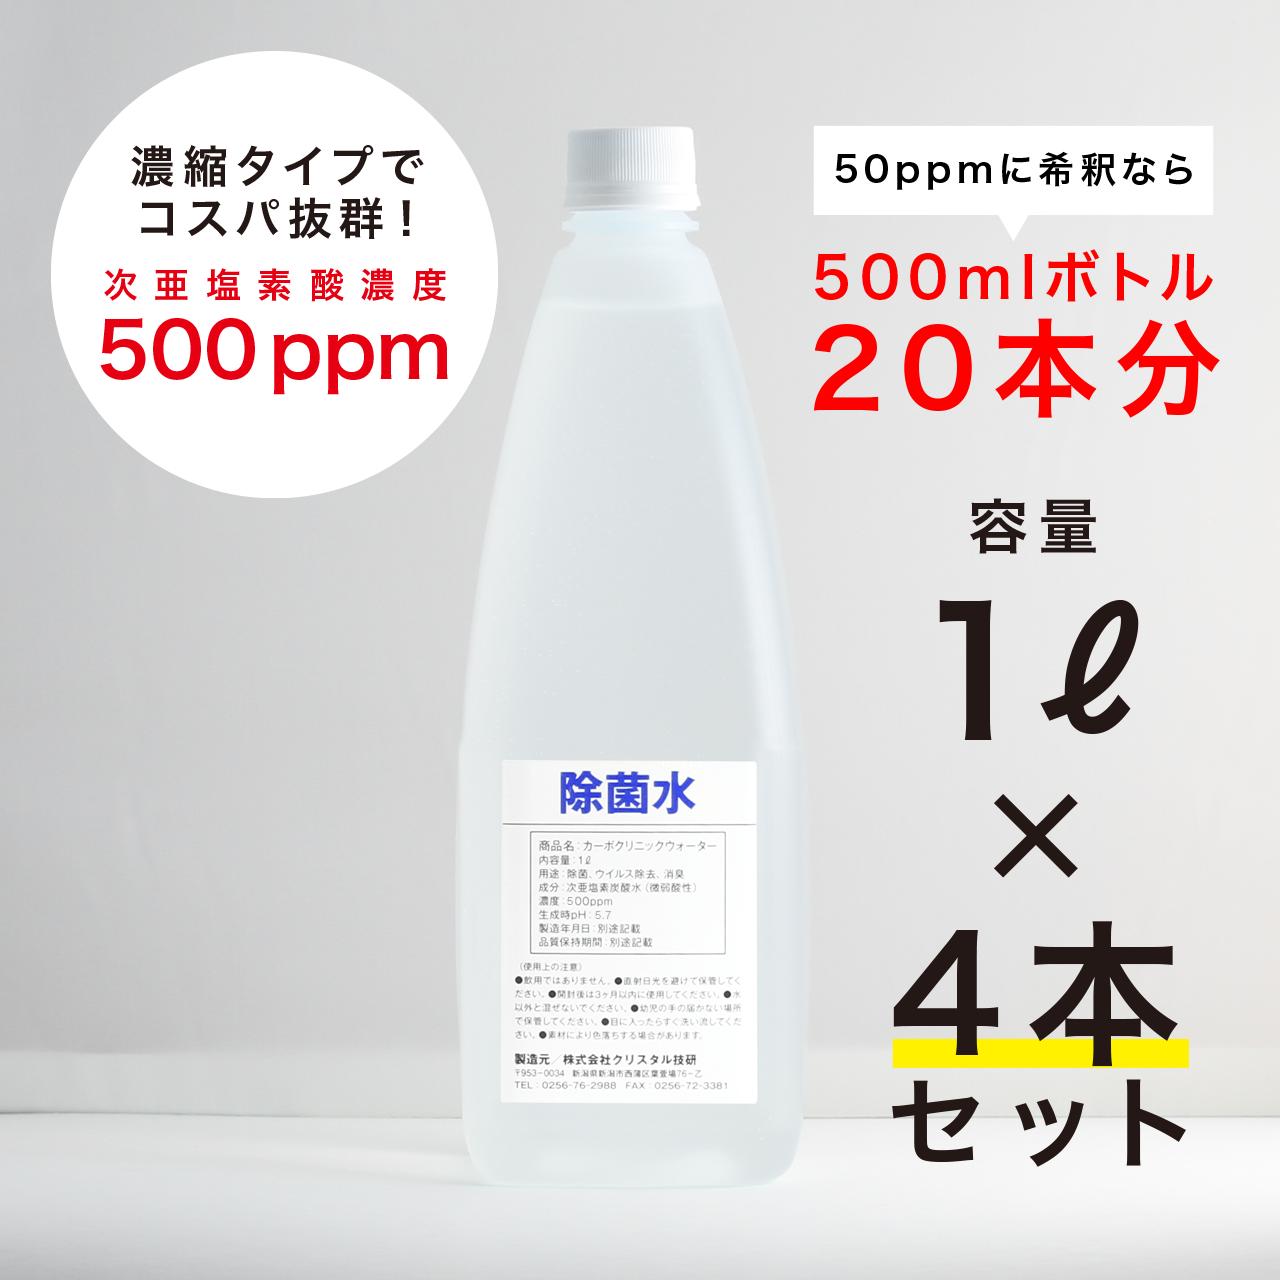 [4本セット]次亜塩素炭酸水 除菌・消臭「カーボクリニックウォーター」500 ppm